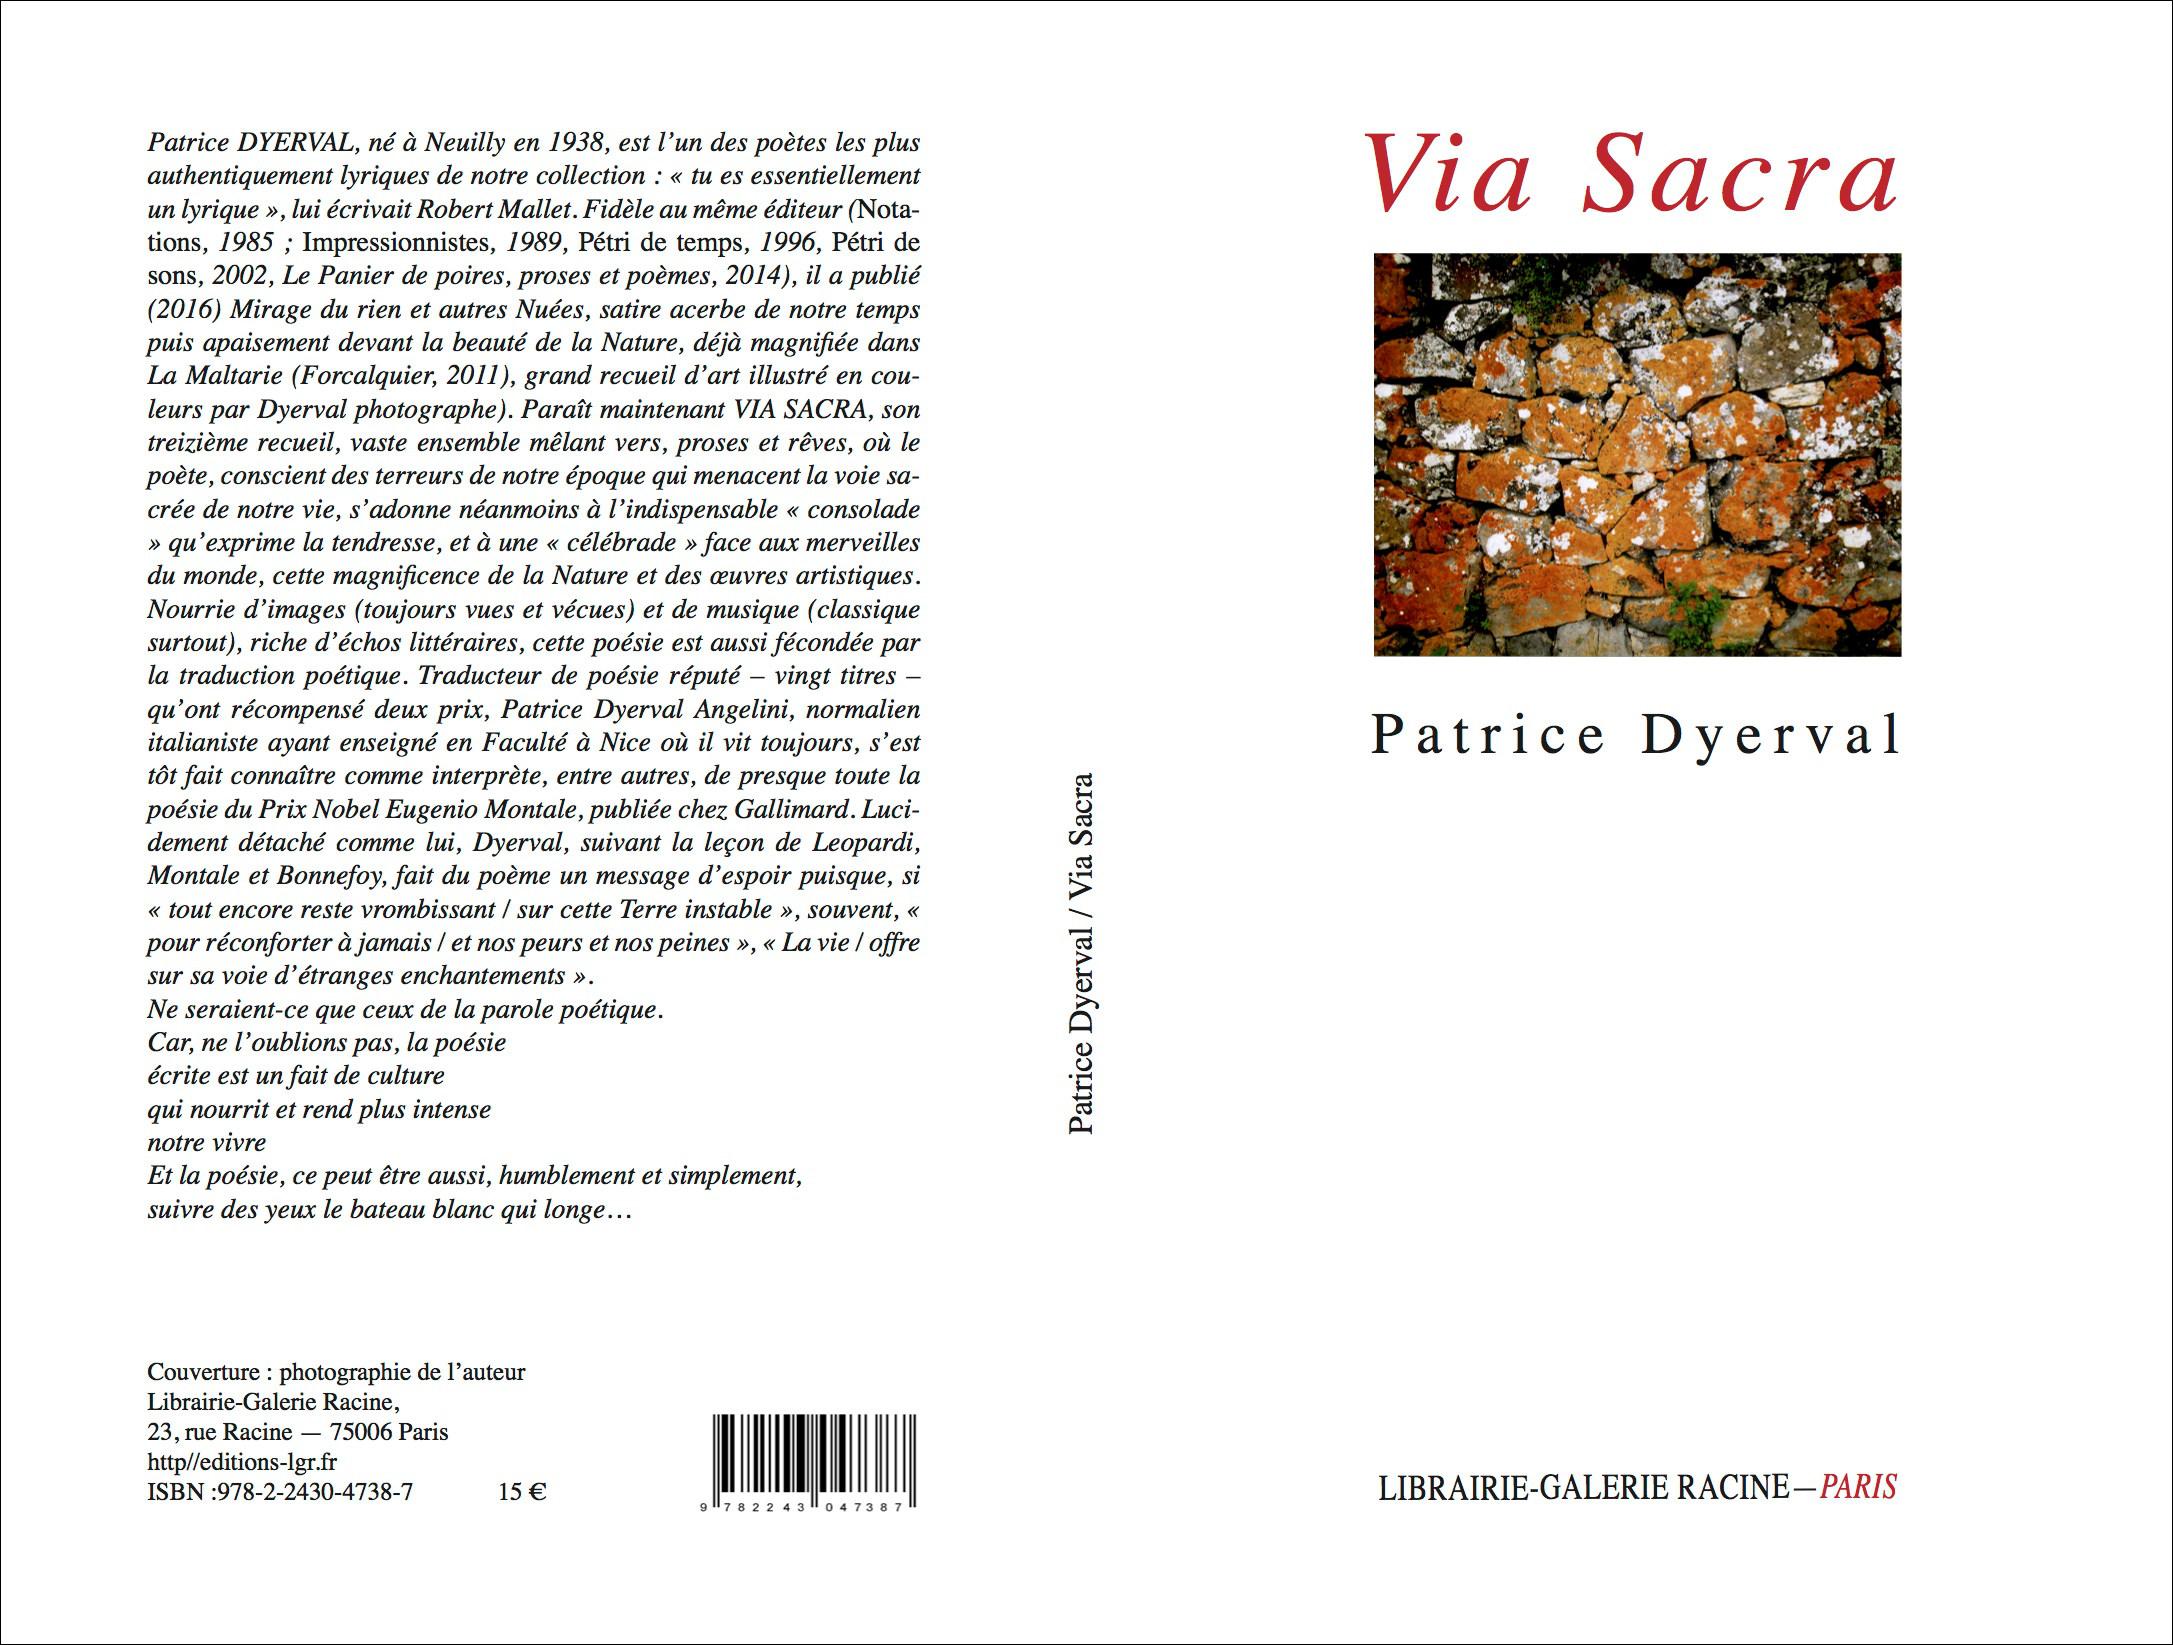 dyerval Via sacra (2)